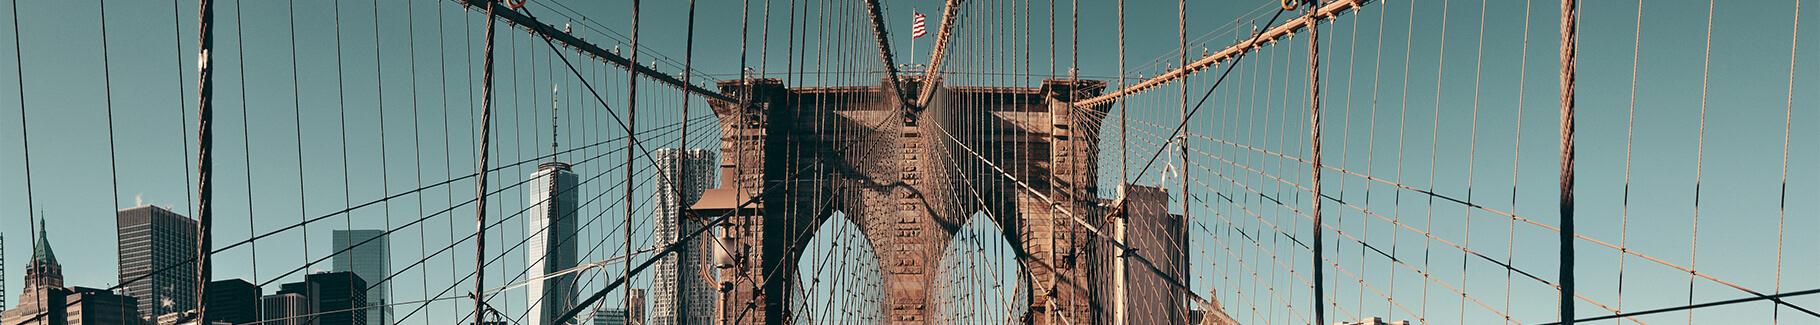 Plakat widok na Most Brookliński